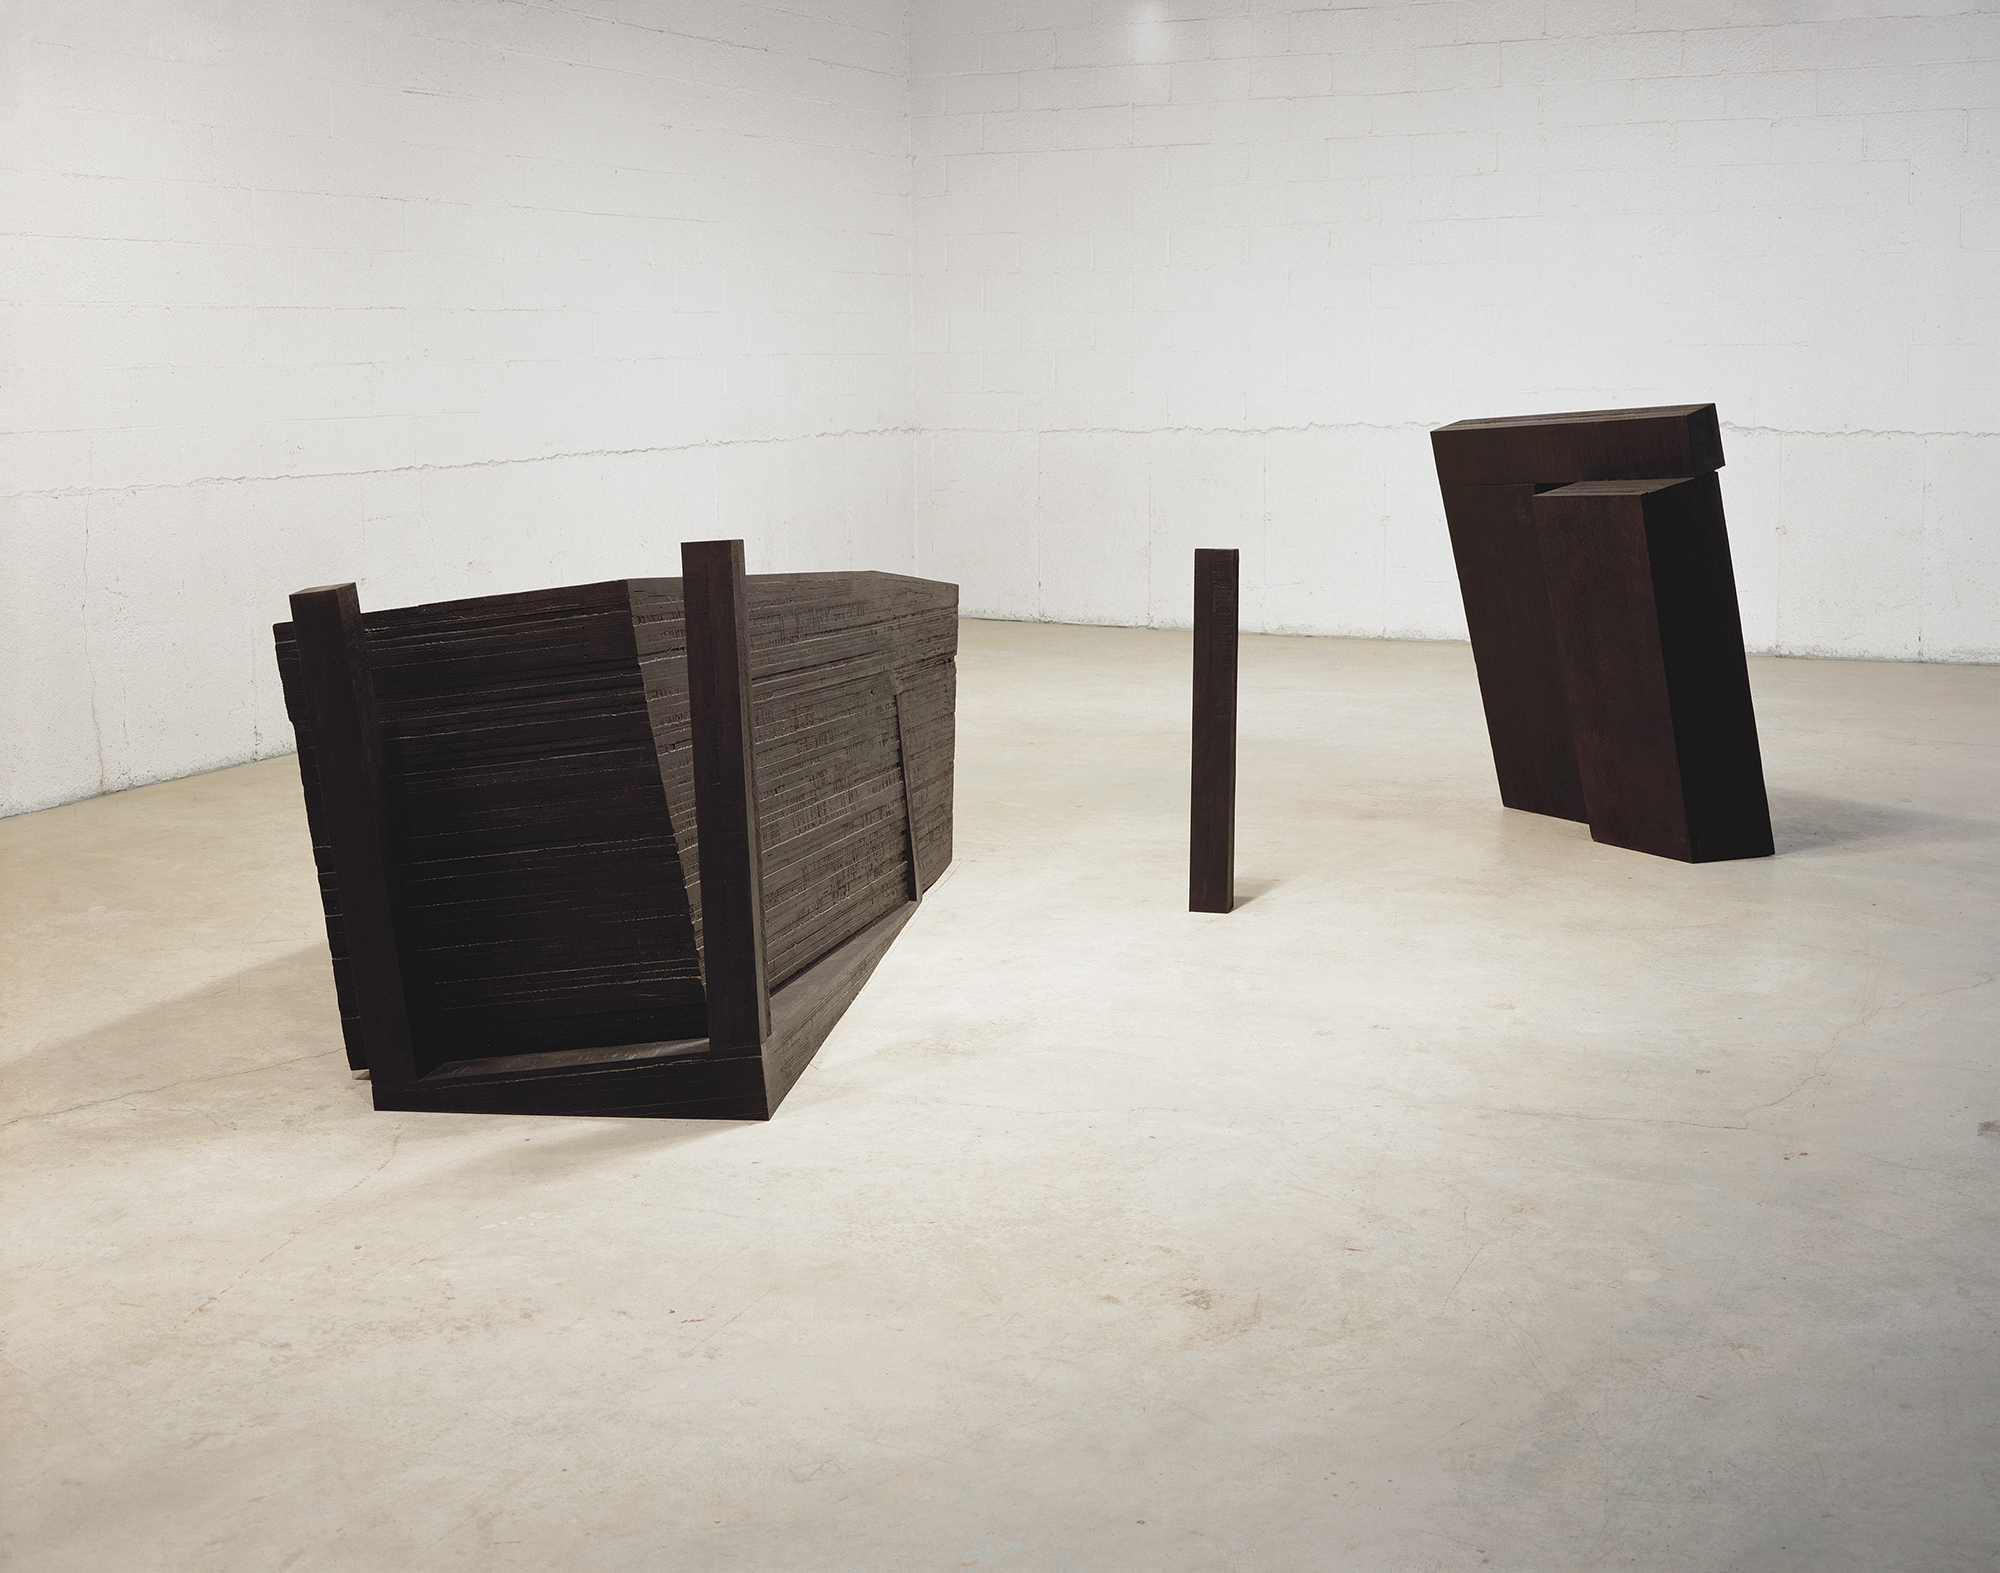 Sombre, dans l'étendue  (1989)   Bois polychrome, 151 x 493 x 234 cm, collection du Musée des beaux-arts de Montréal. photo : Richard-Max Tremblay